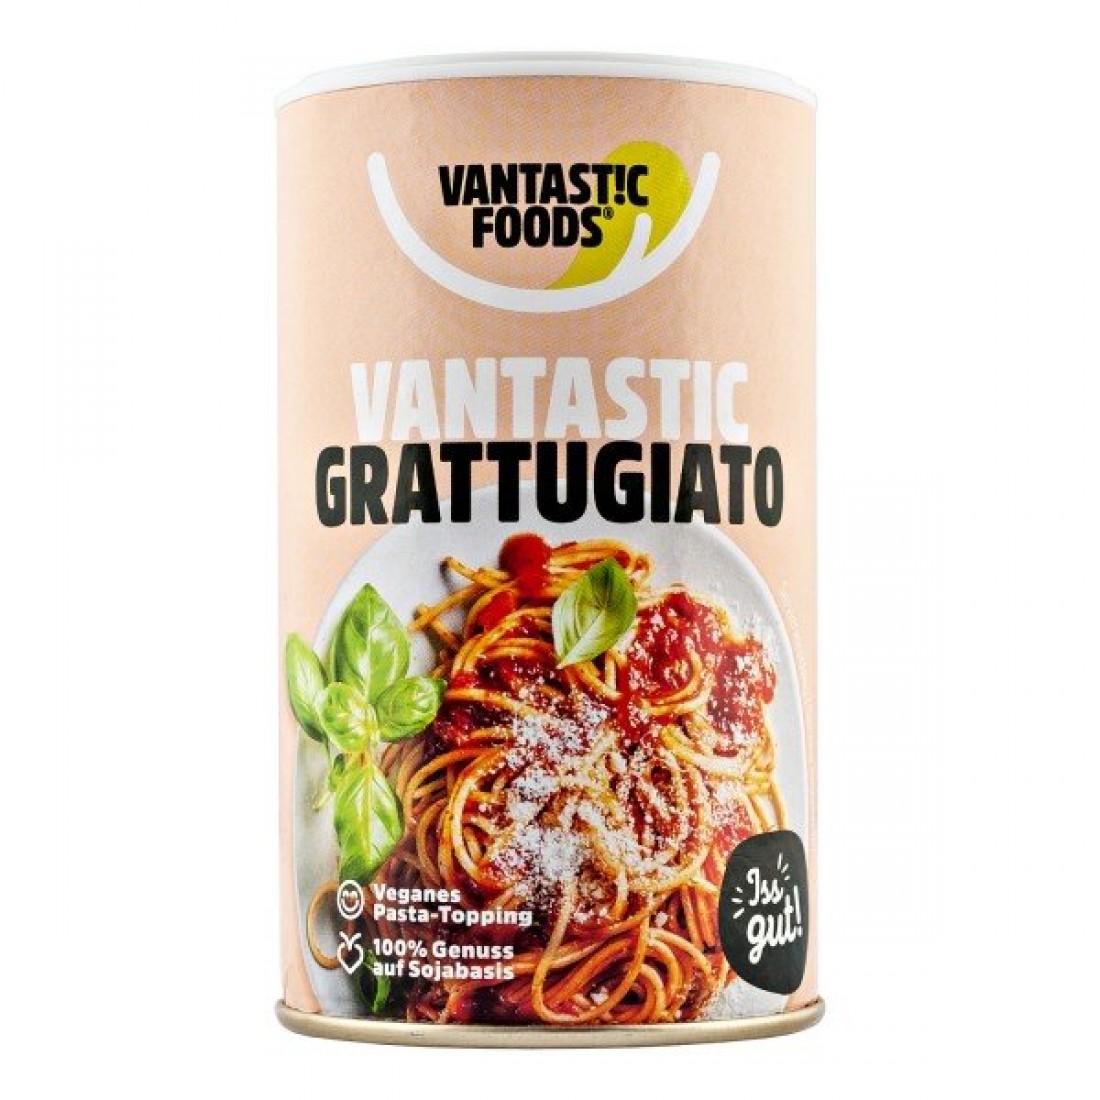 Vantastic Foods - Parmezzano Grattugiato Original